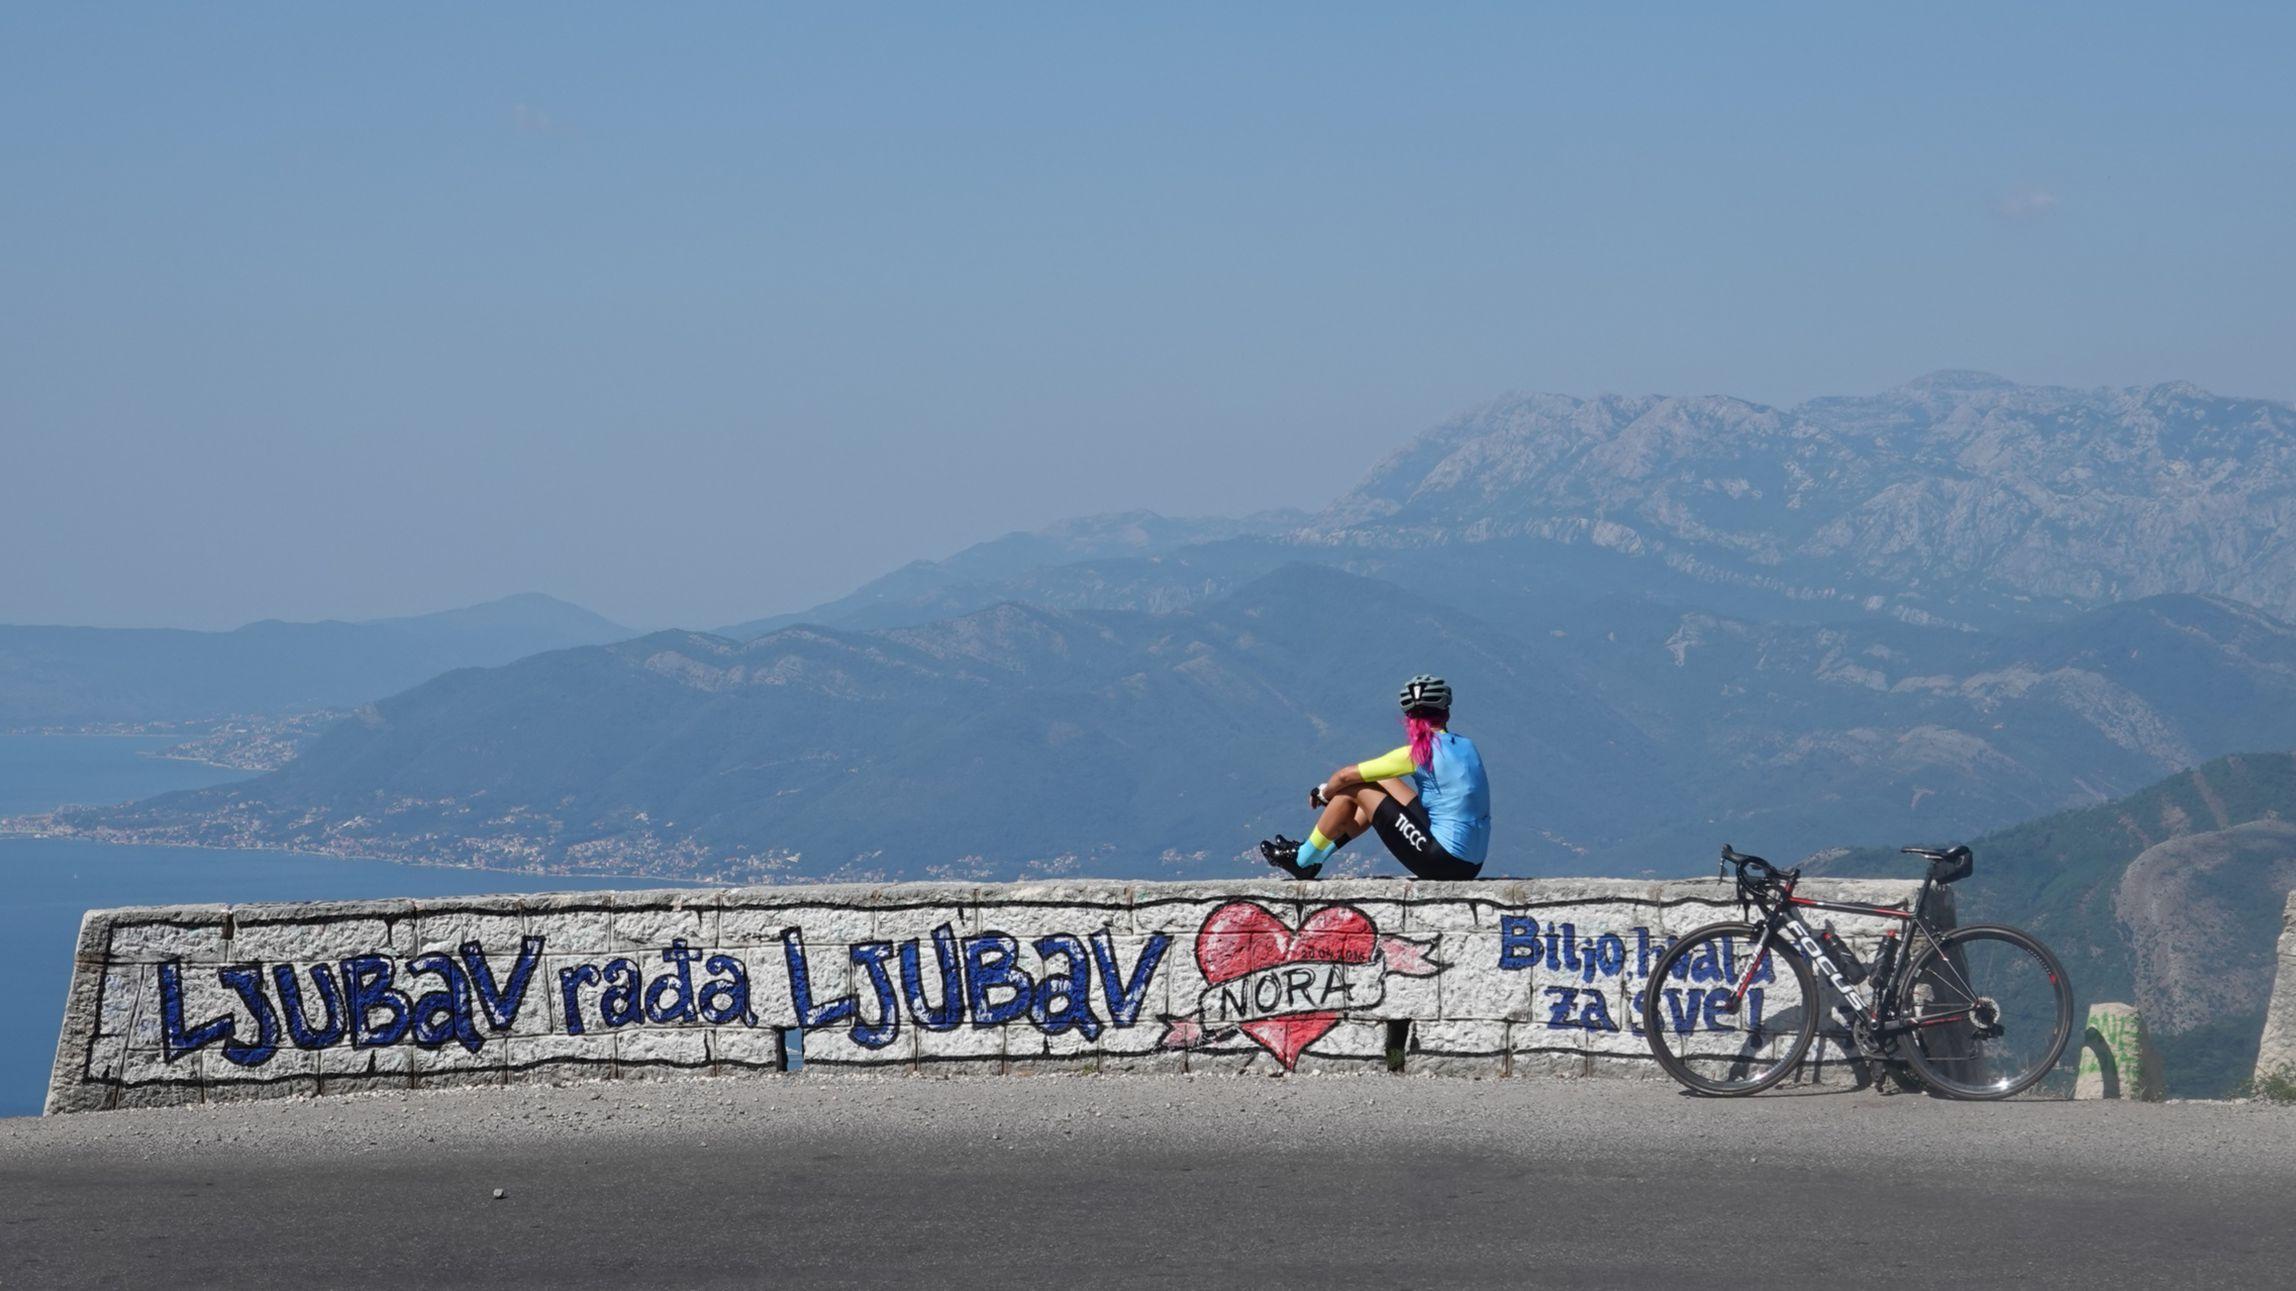 Redno se vračata tudi v Črno goro. Na vzponu nad Boko Kotorsko.